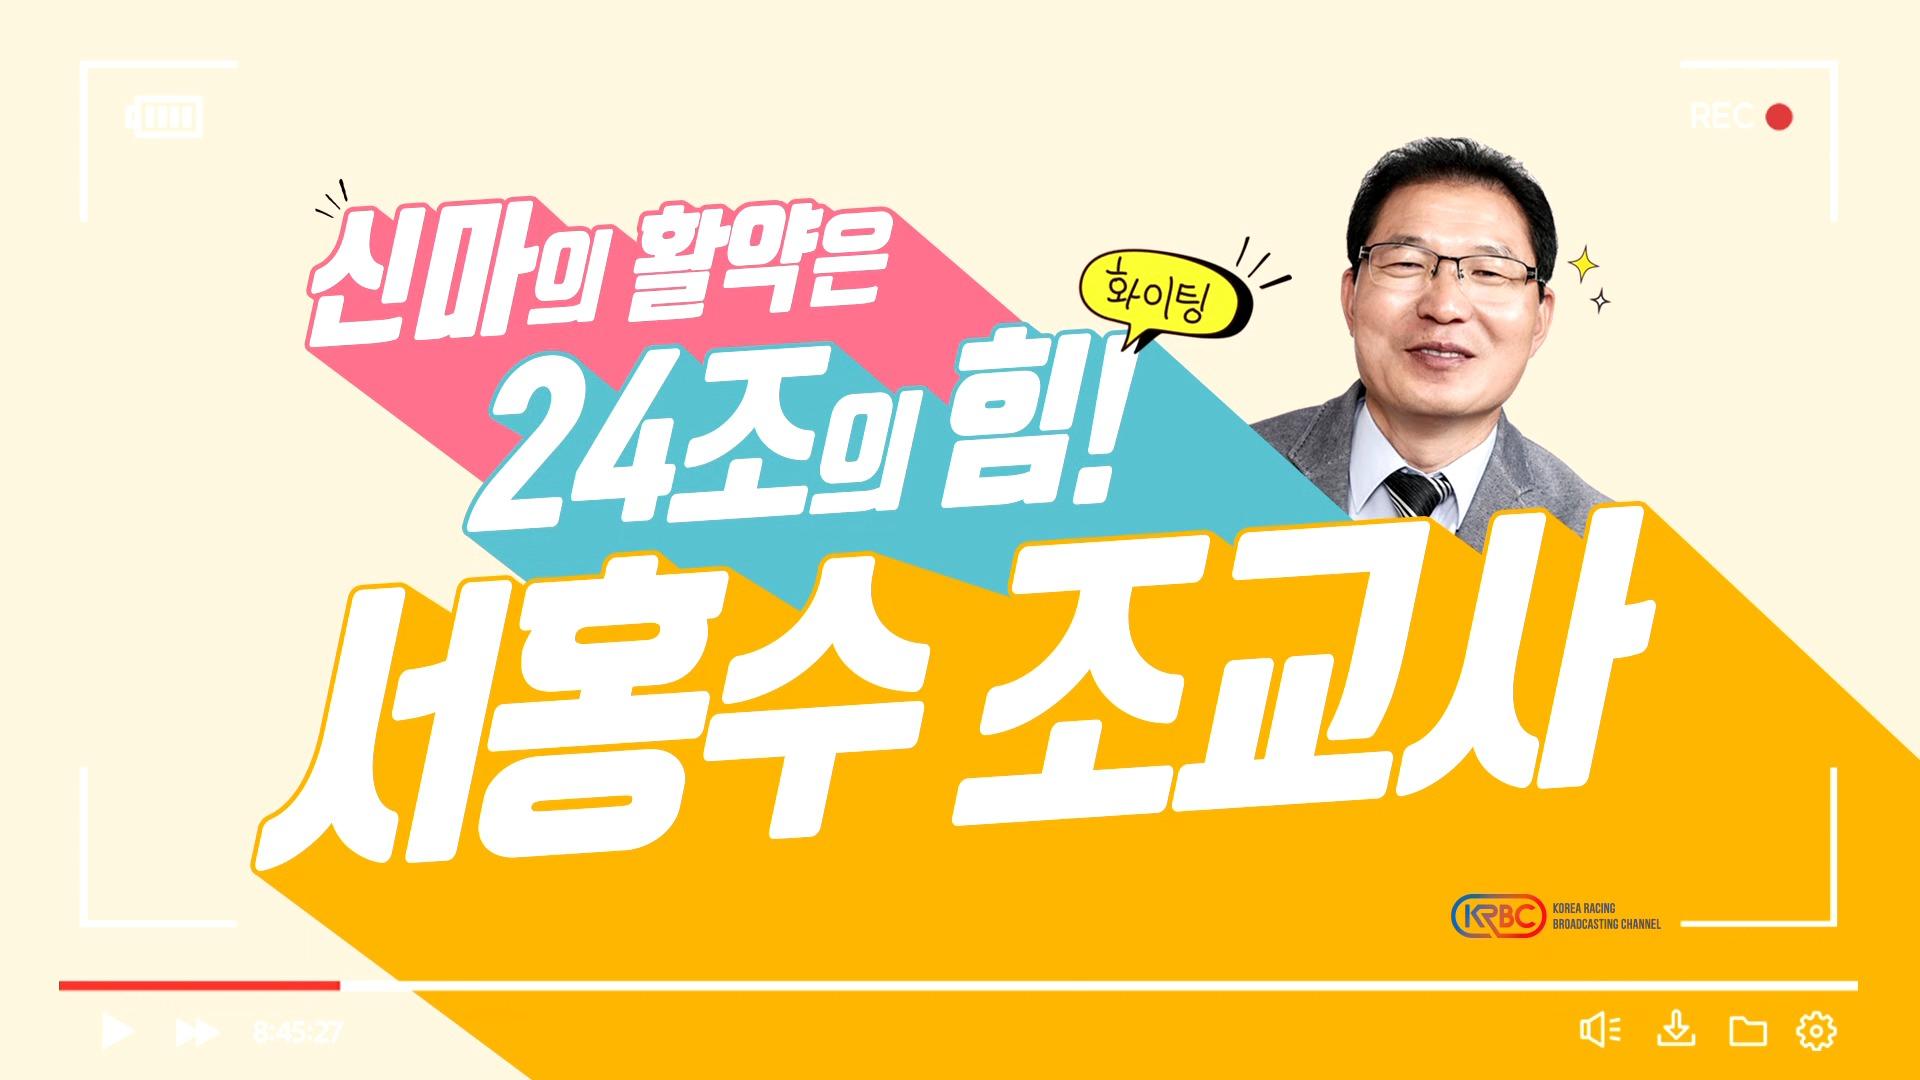 [서울]생생인터뷰1(10월19일) 썸네일 이미지